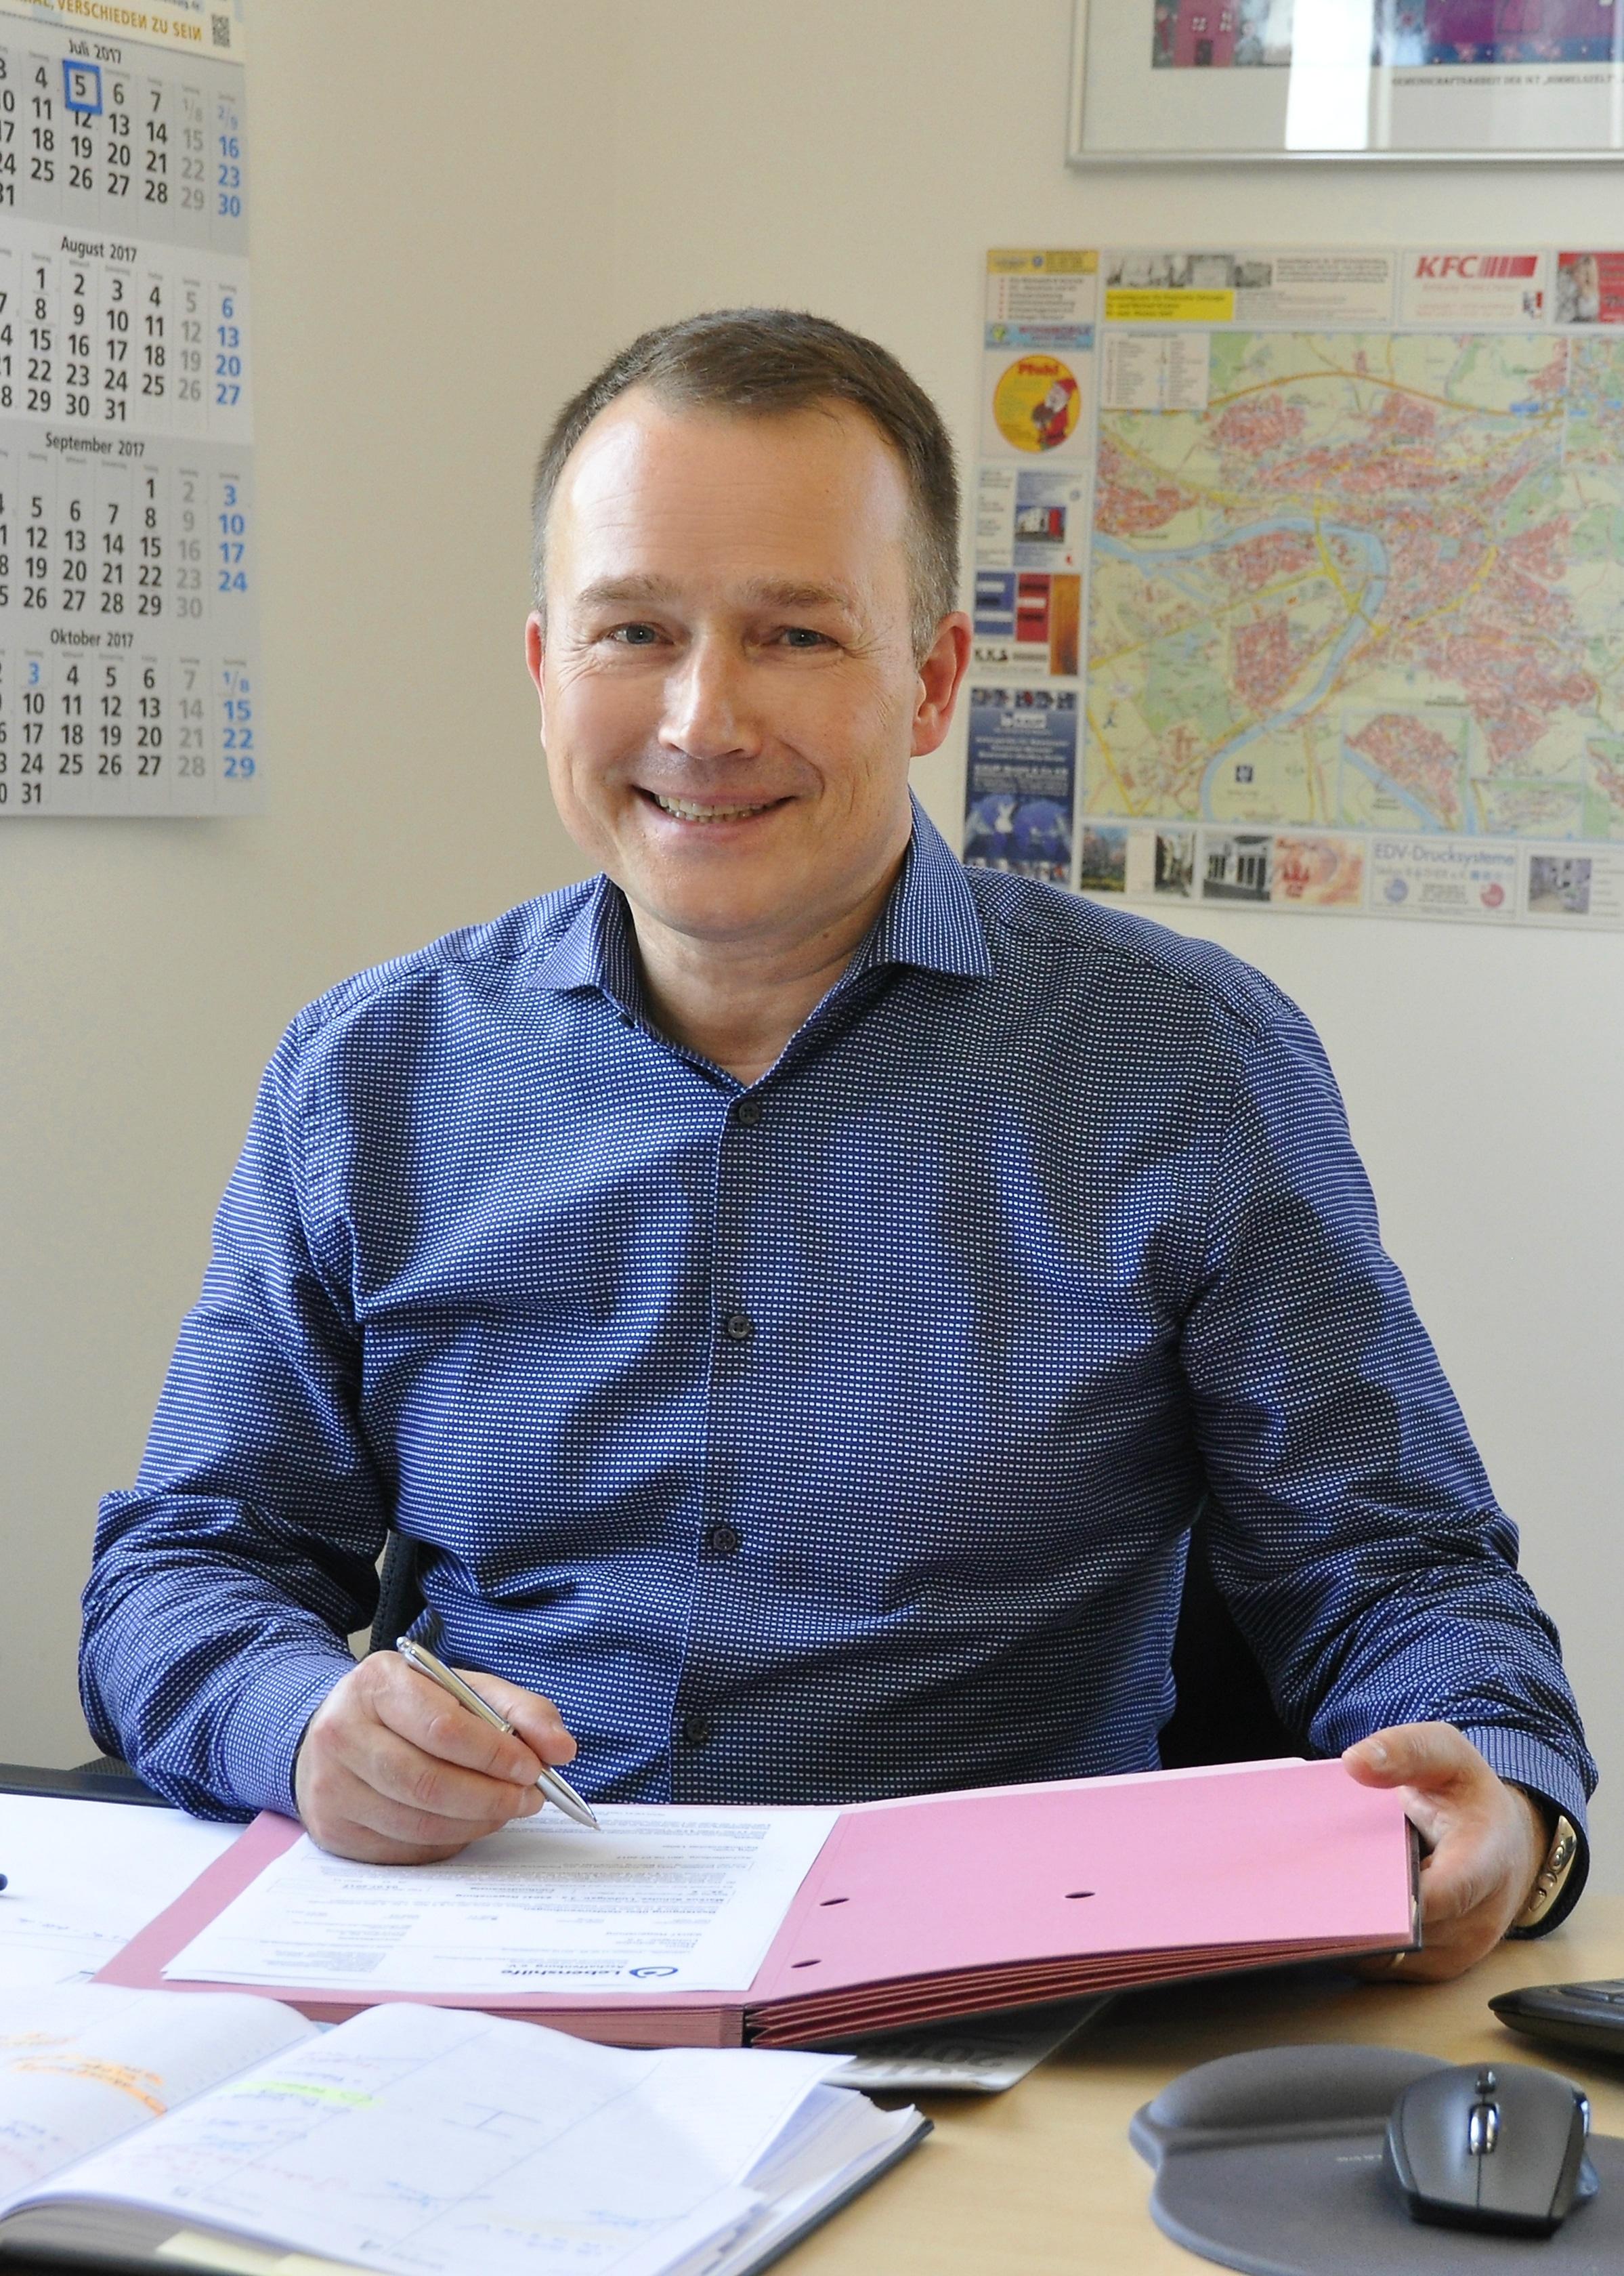 Jörg Veith